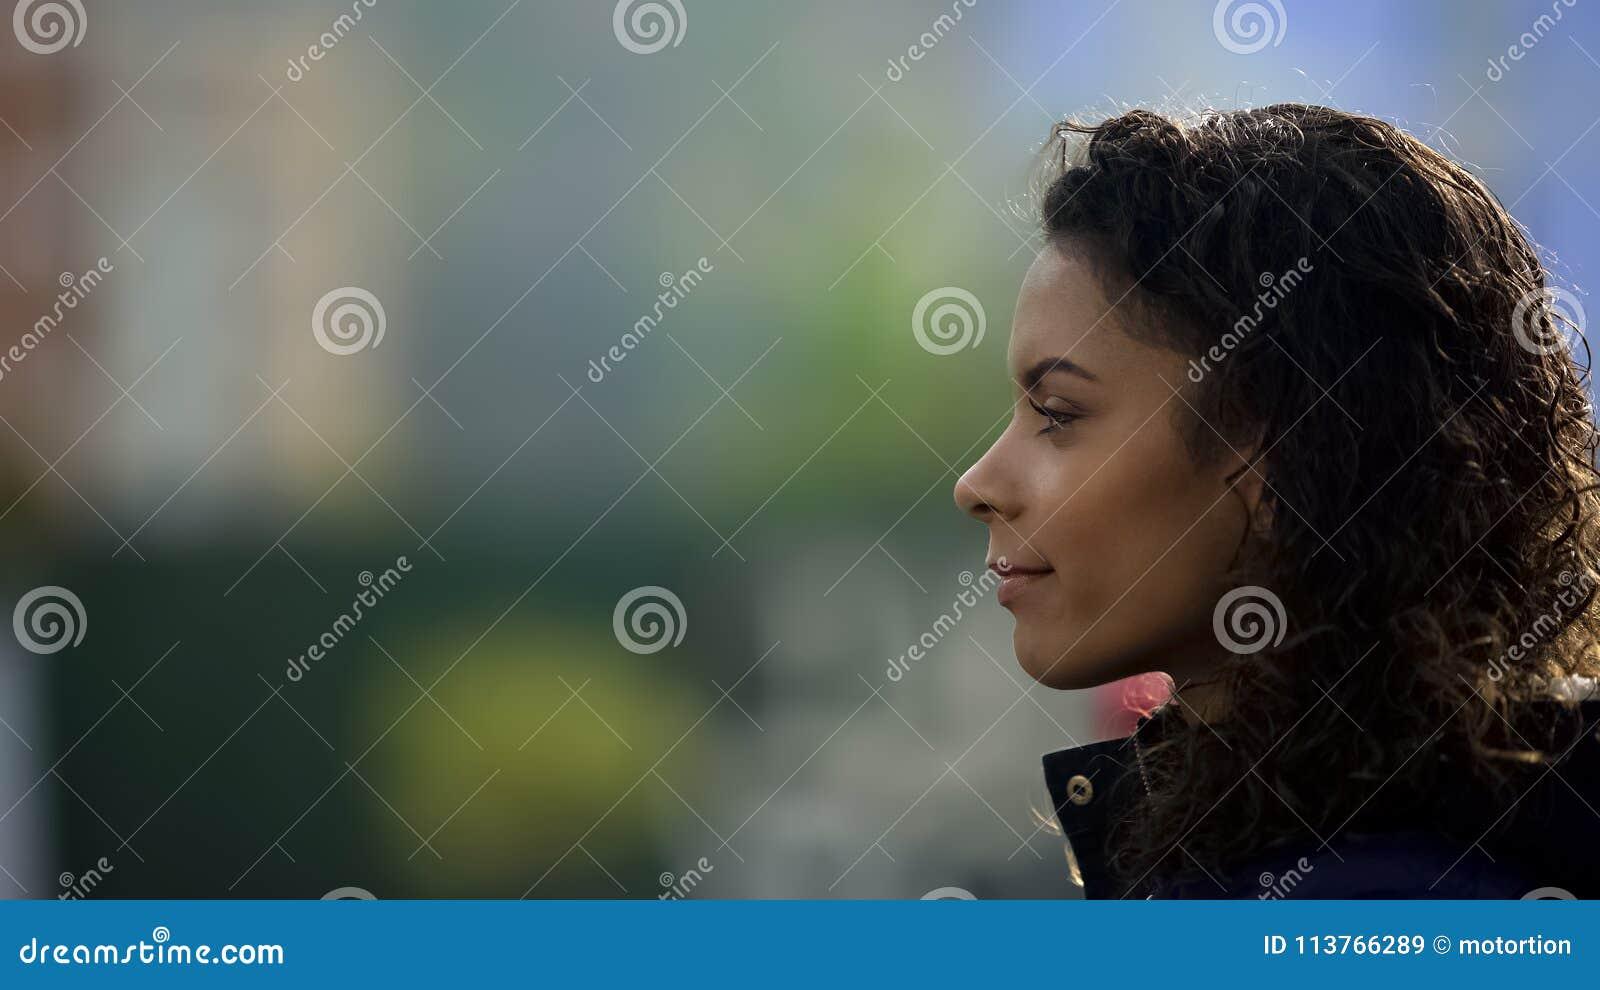 Inspirowany kobieta model ono uśmiecha się, piękny biracial młoda dama portret w profilu